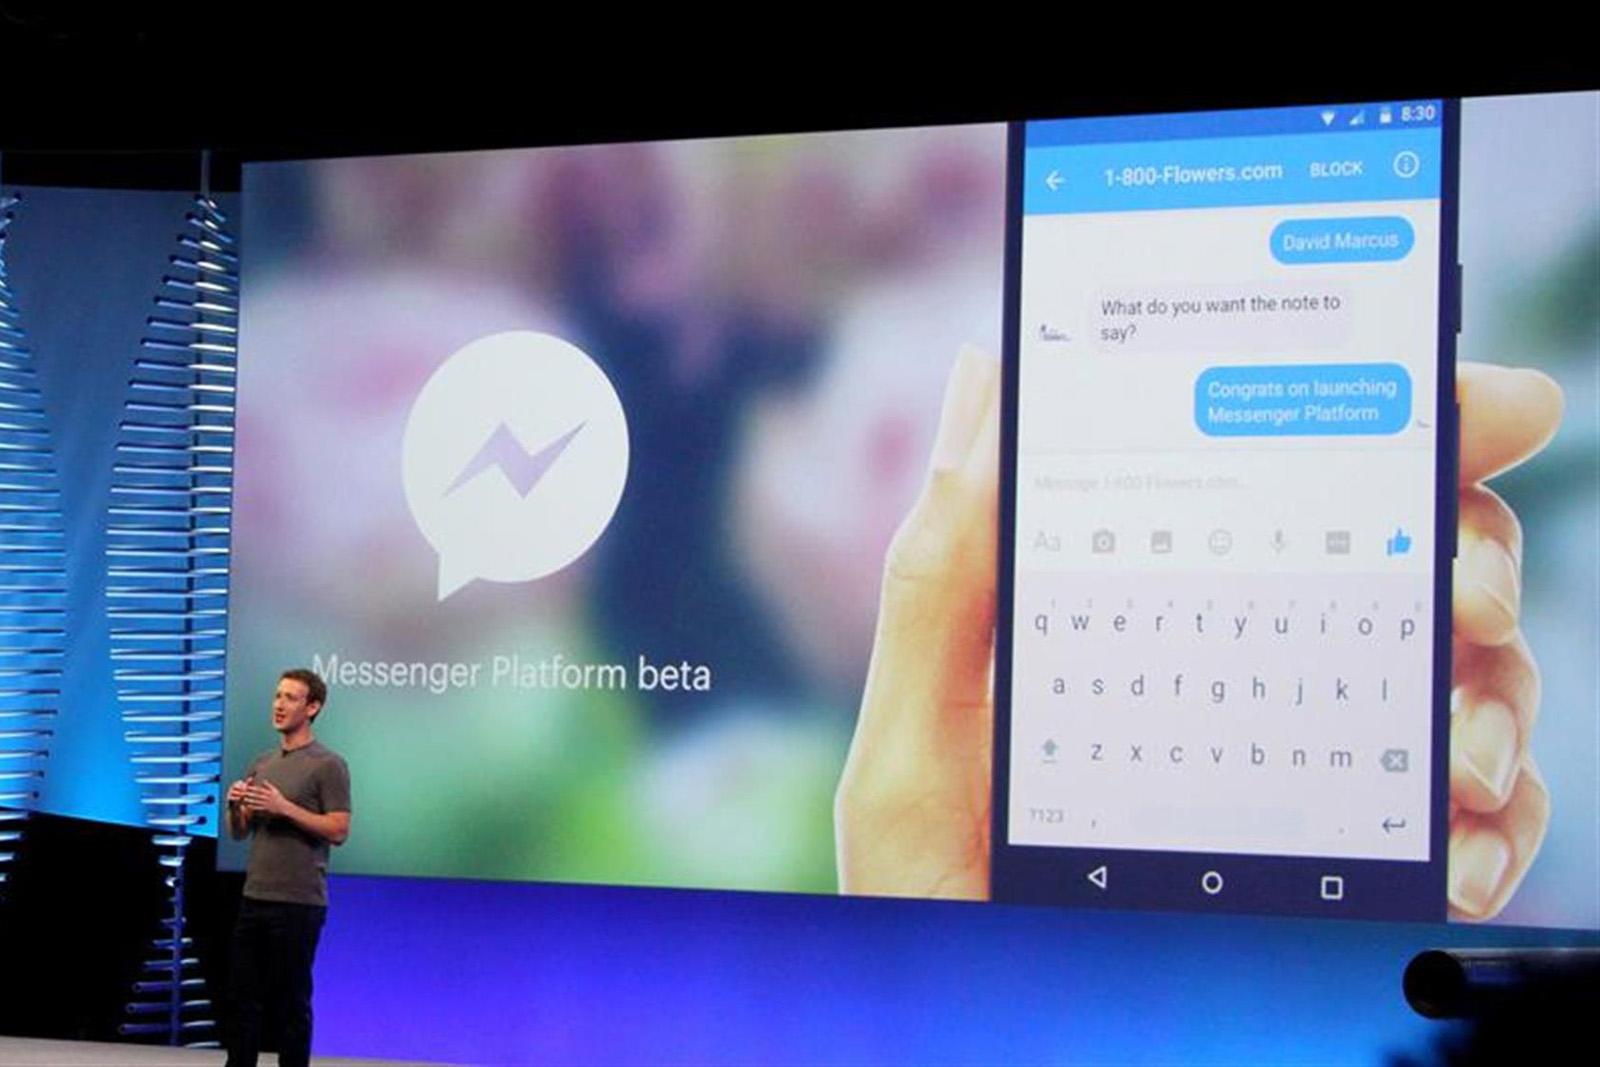 Facebook встроил неотключаемую видеорекламу в мессенджер